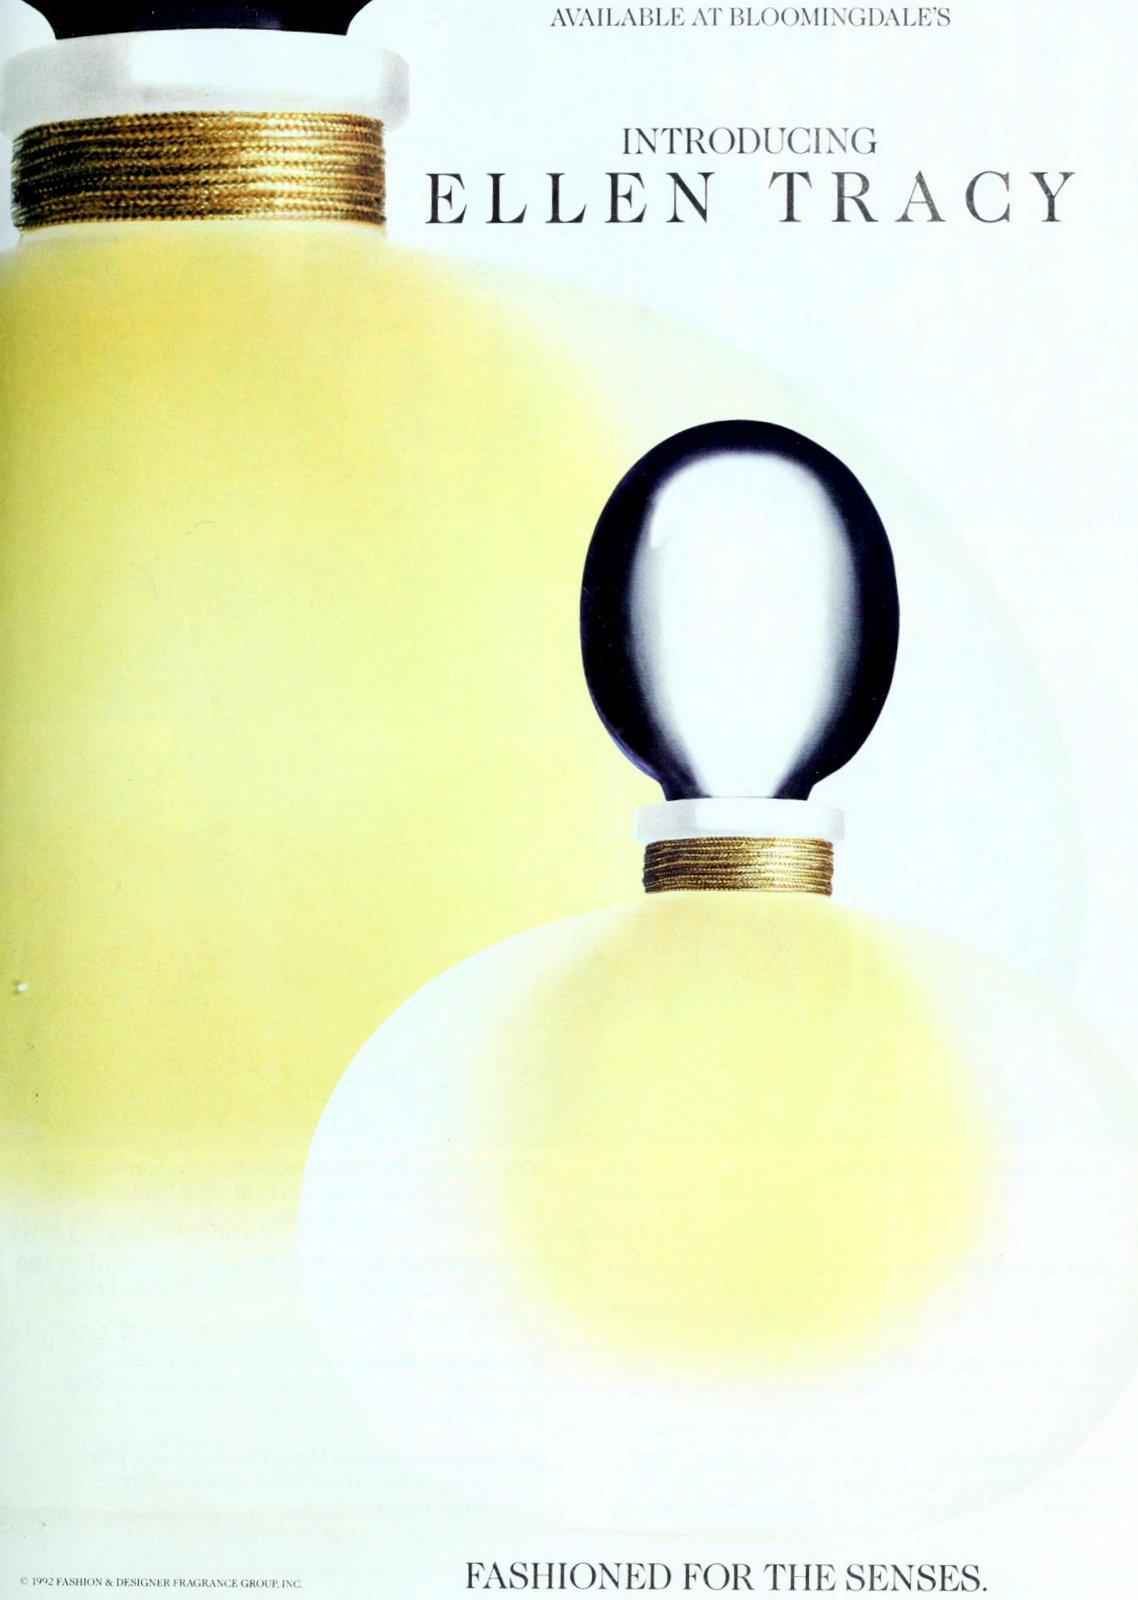 Ellen Tracy fragrance (1992) at ClickAmericana.com